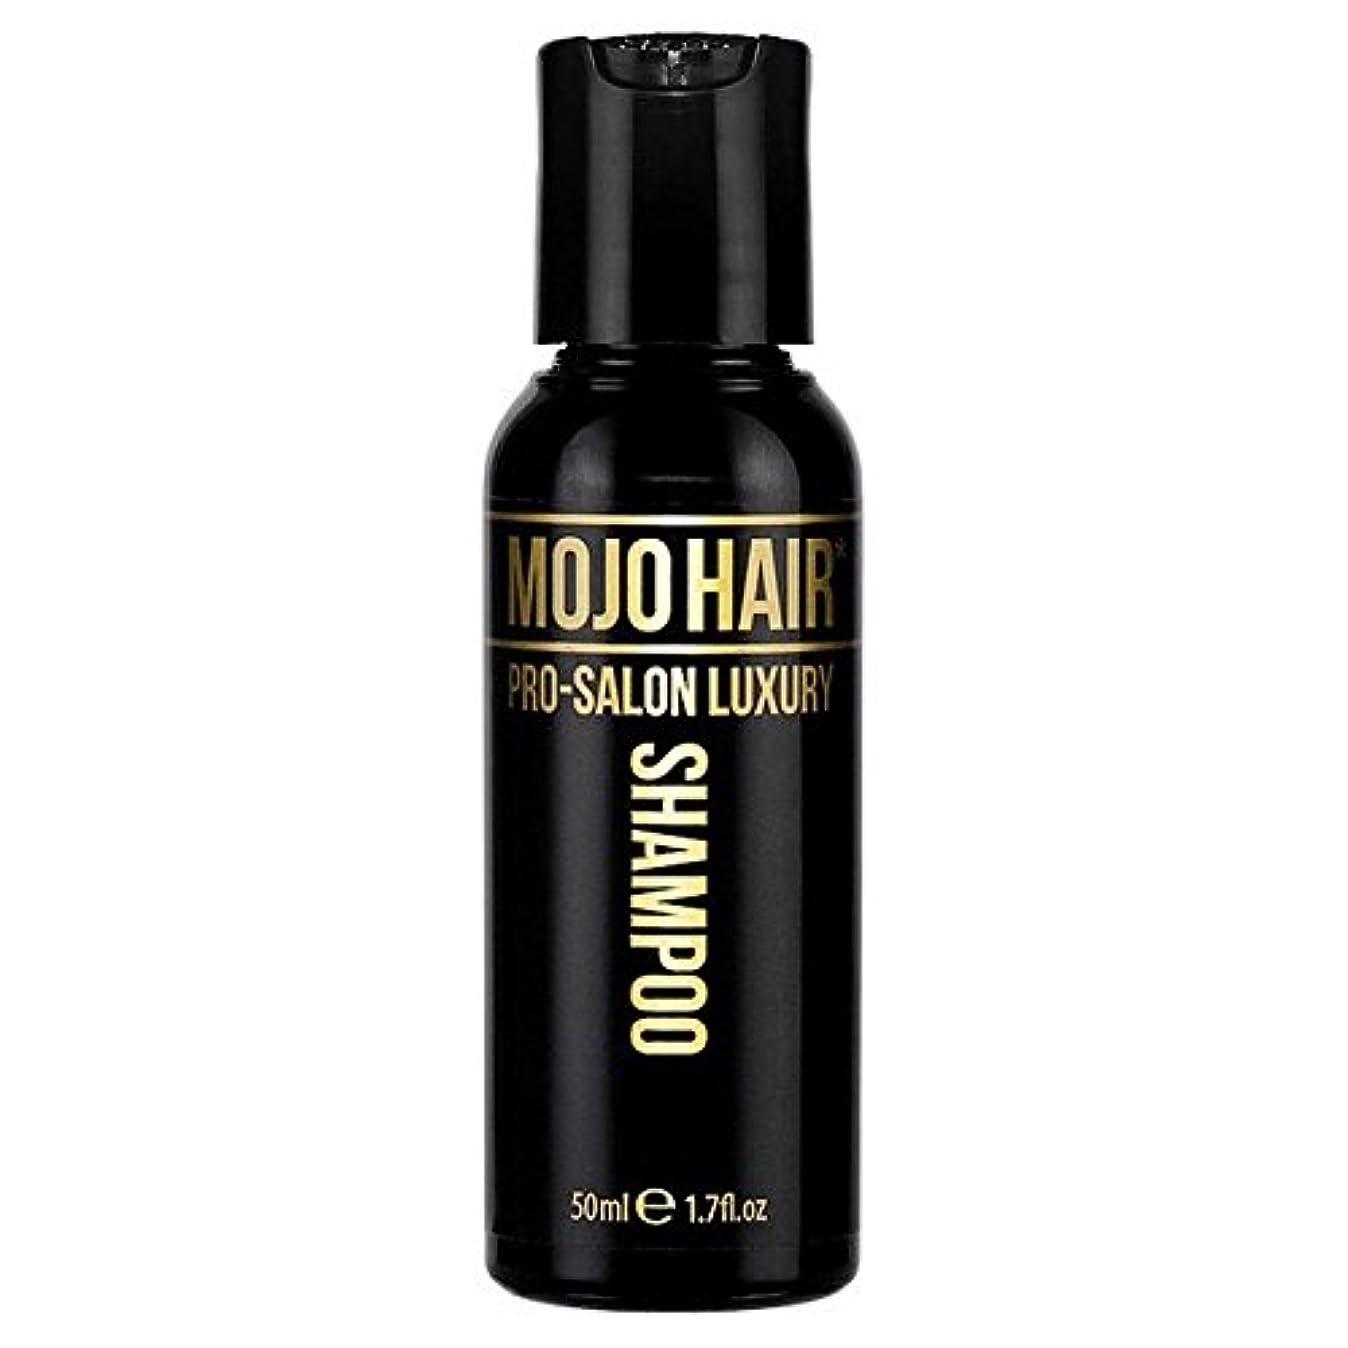 誓い見て影響を受けやすいですMOJO HAIR Pro-Salon Luxury Fragrance Shampoo for Men, Travel Size 50ml - 男性のためのモジョの毛プロのサロンの贅沢な香りのシャンプー、トラベルサイズ...